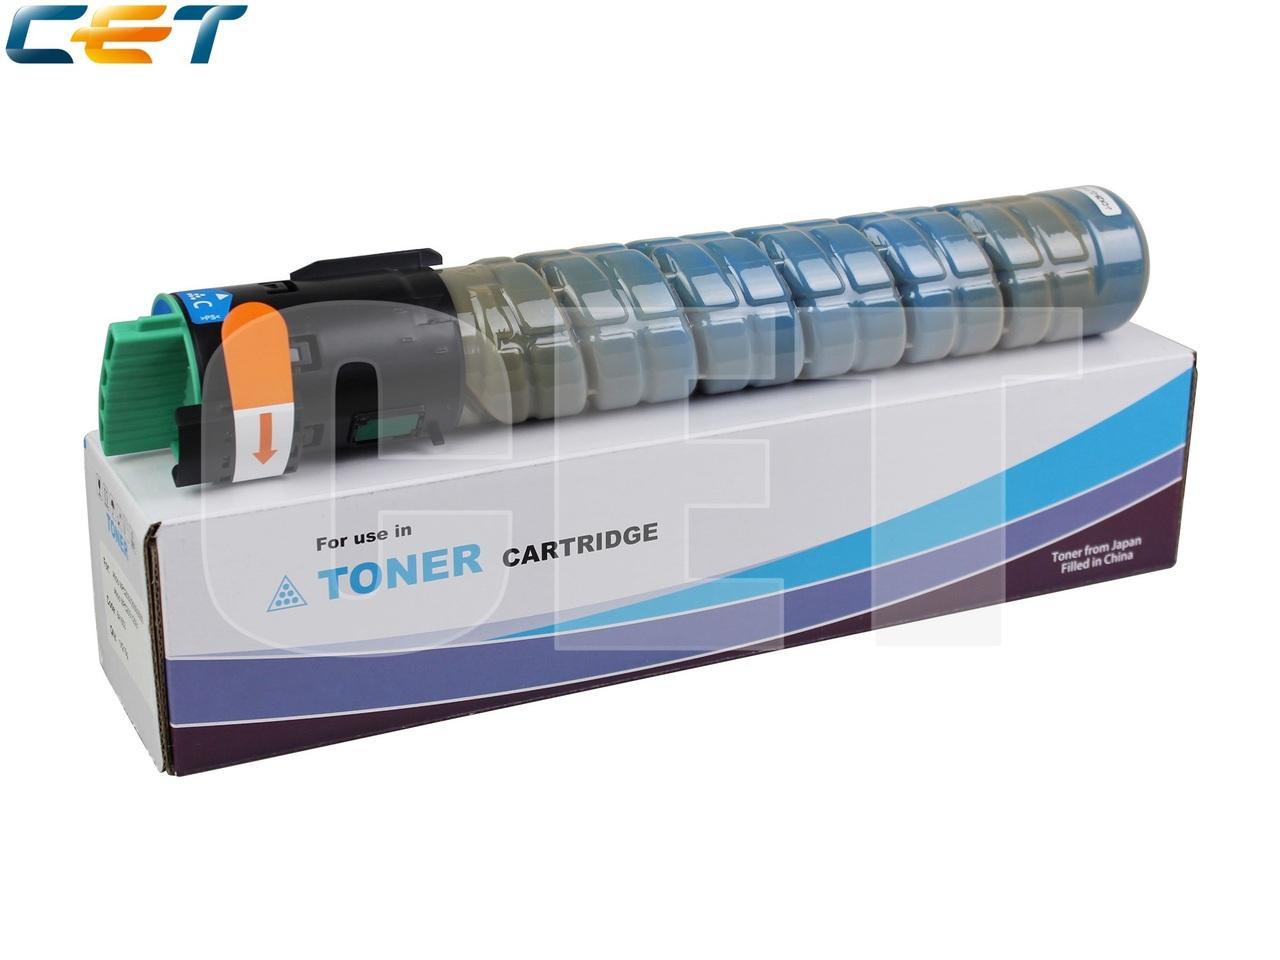 Тонер-картридж (Type 516) 841505 для RICOH AficioMPC2551/MPC2051/MPC2550/MPC2050/MPC2030 (CET) Cyan,215г, 9500 стр., CET6461